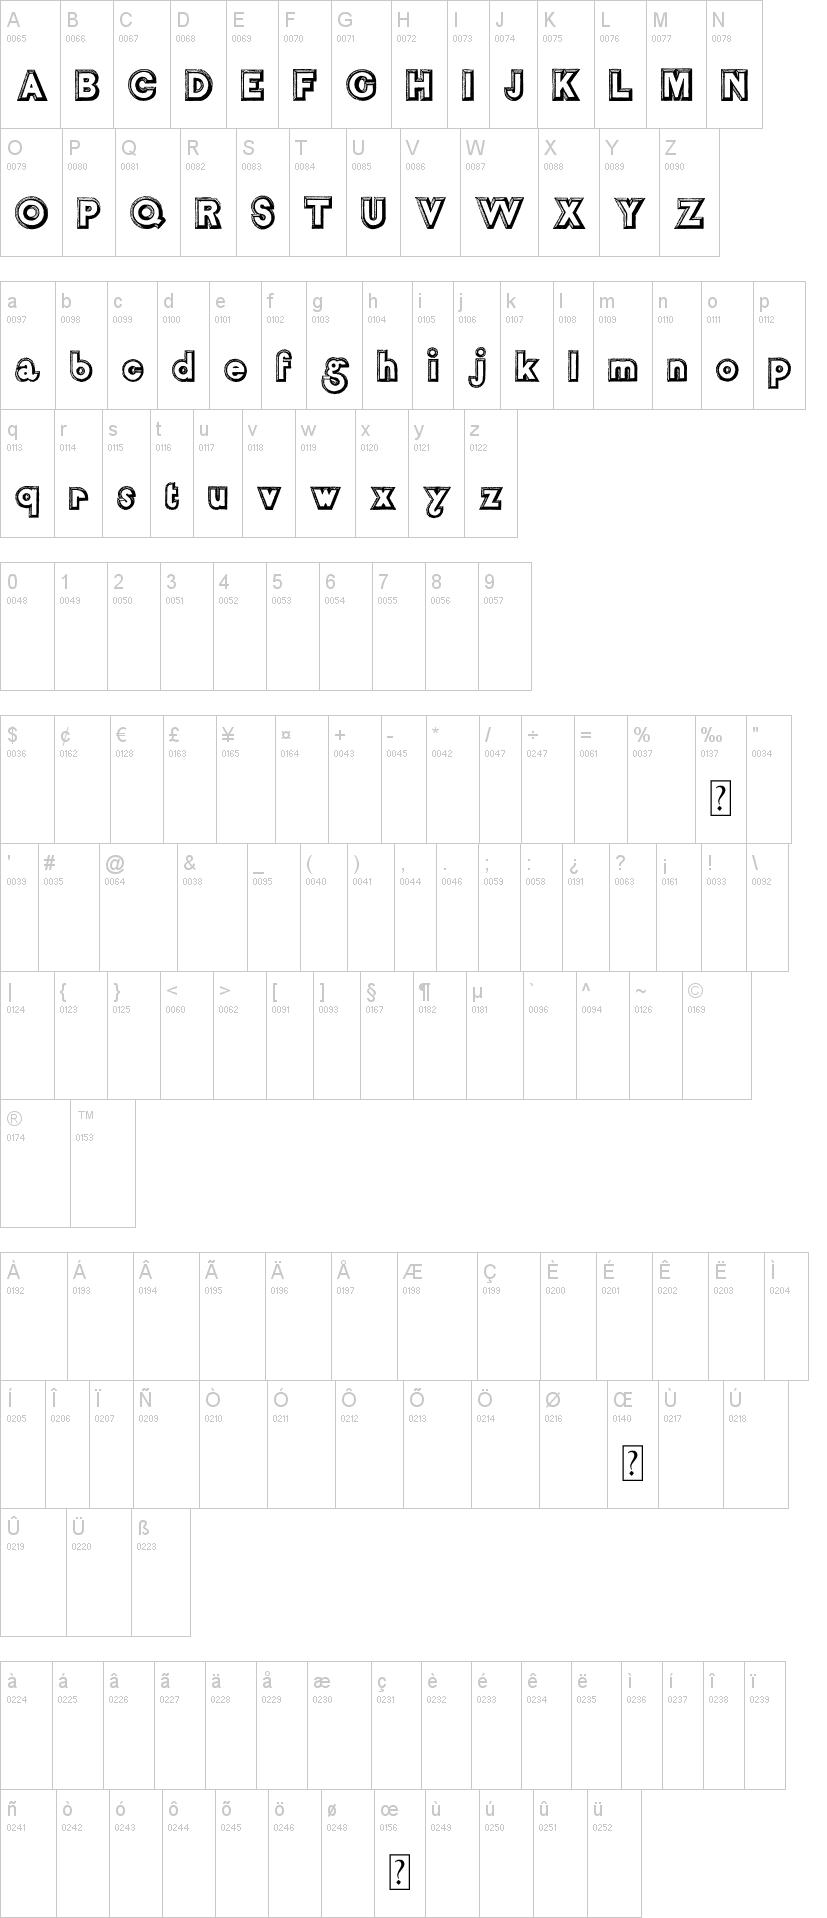 Salon de Coiffure Schriftart   dafont.com